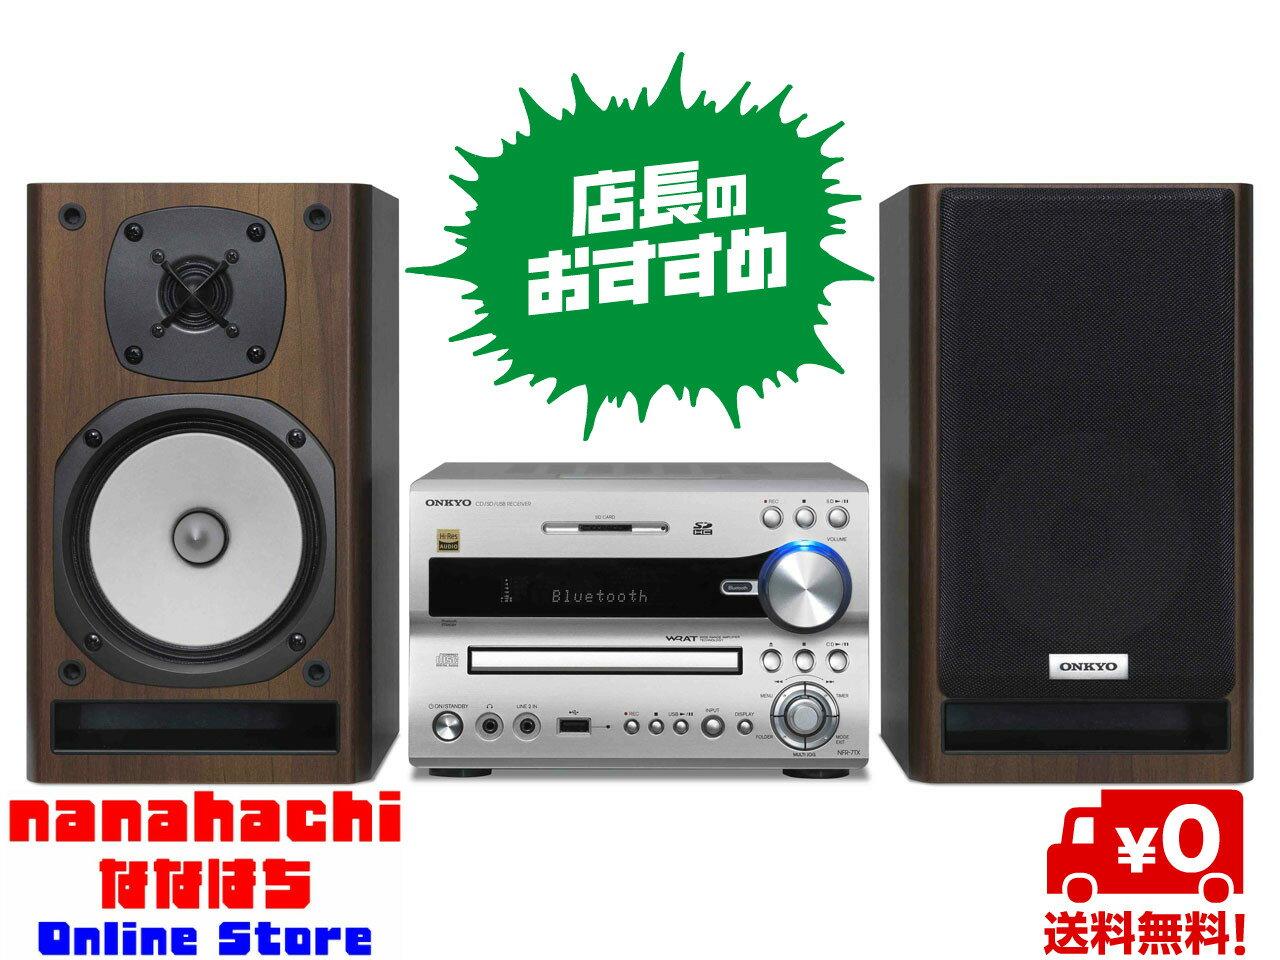 【送料無料】ONKYO ハイレゾ対応 CD/SD/USBレシーバーシステム X-NFR-7X X-NFR7TX-D■NFC&Bluetooth機能でスマートフォンの音楽を簡単ワイヤレス再生■1クラス上のサウンド再生を実現するアンプ回路【オススメ】XNFR7TX